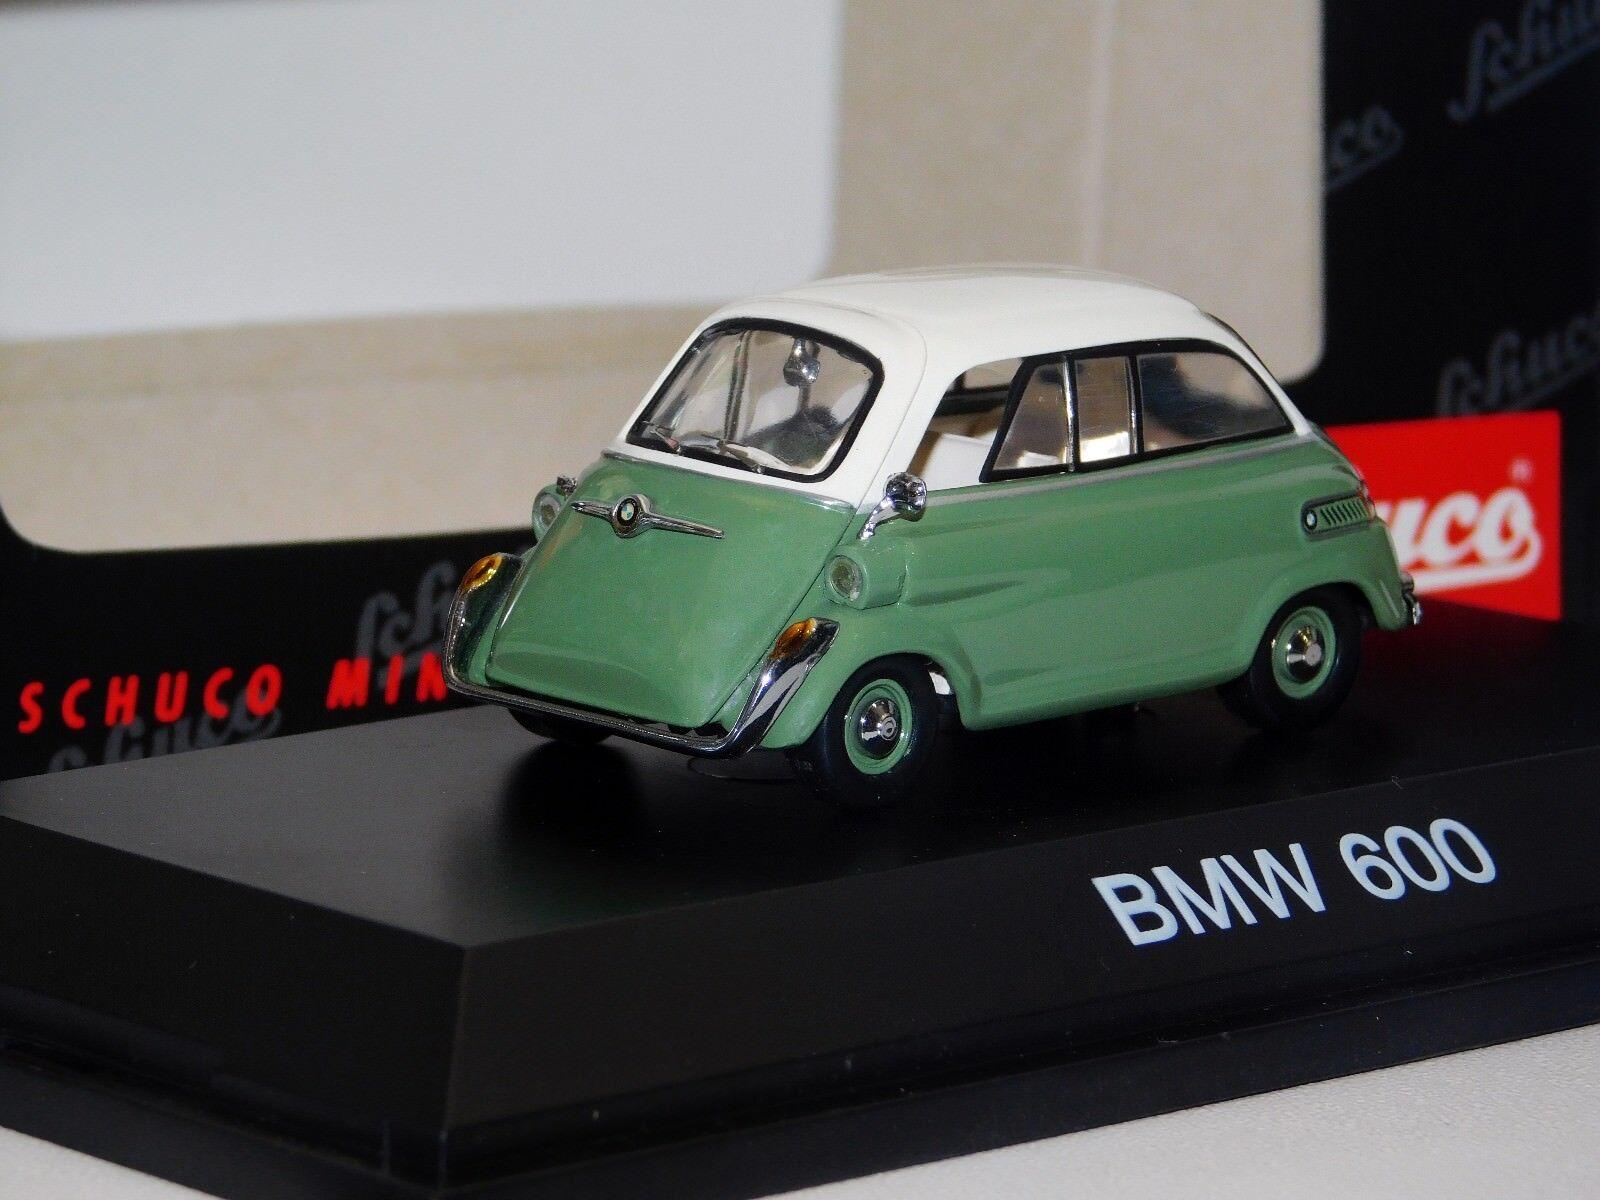 Genuine BMW M4 GTS 1:64 Modelo del Coche de juguete